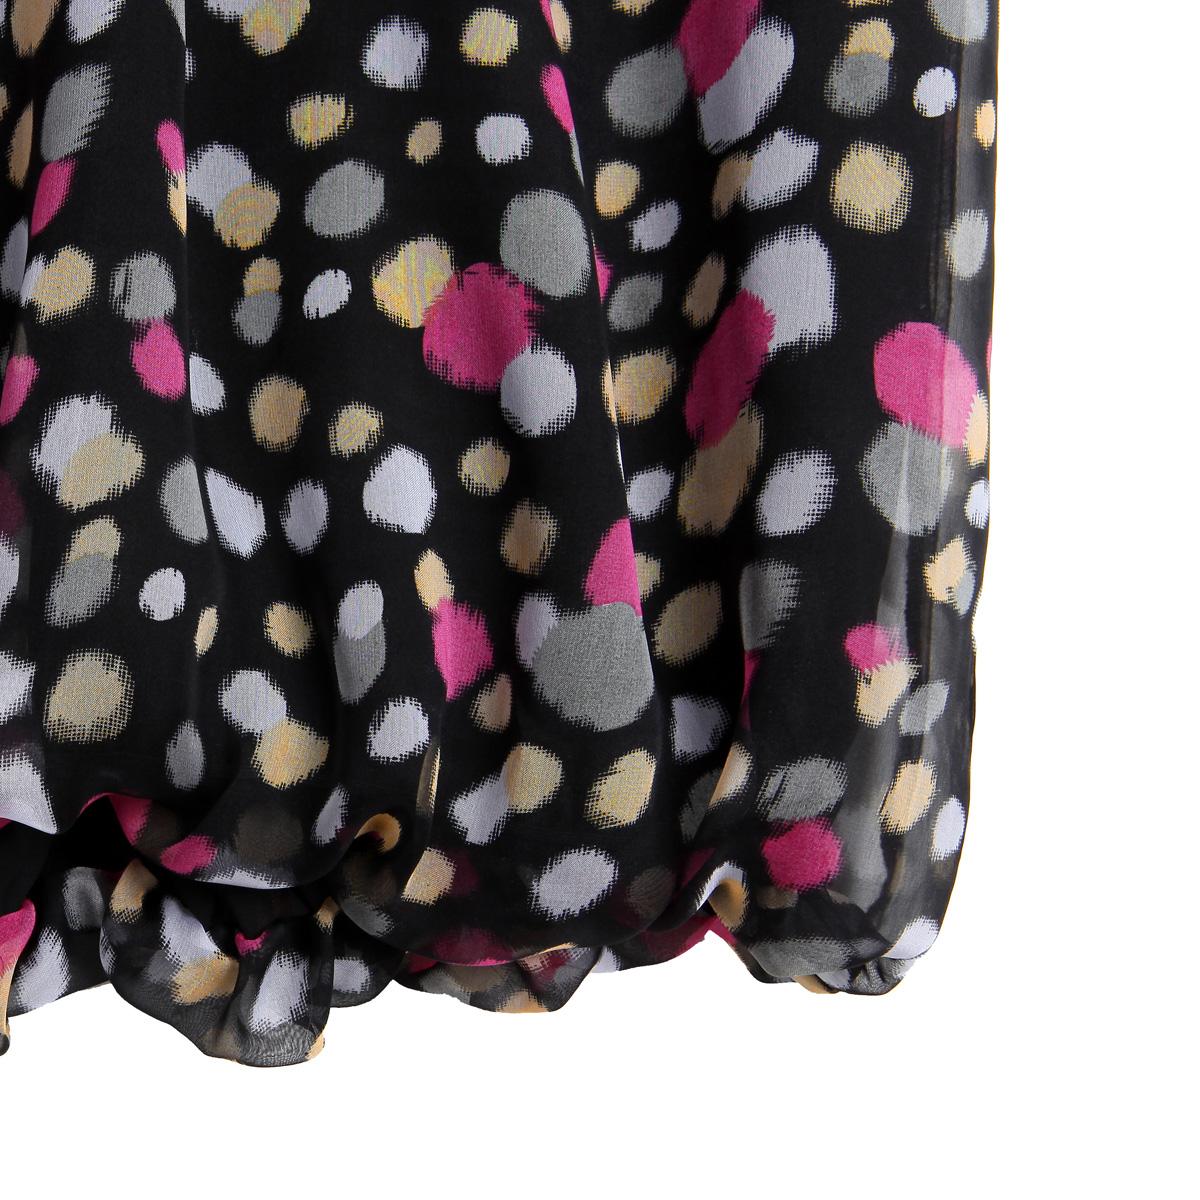 женская рубашка OSA sc10169 O.SA2011